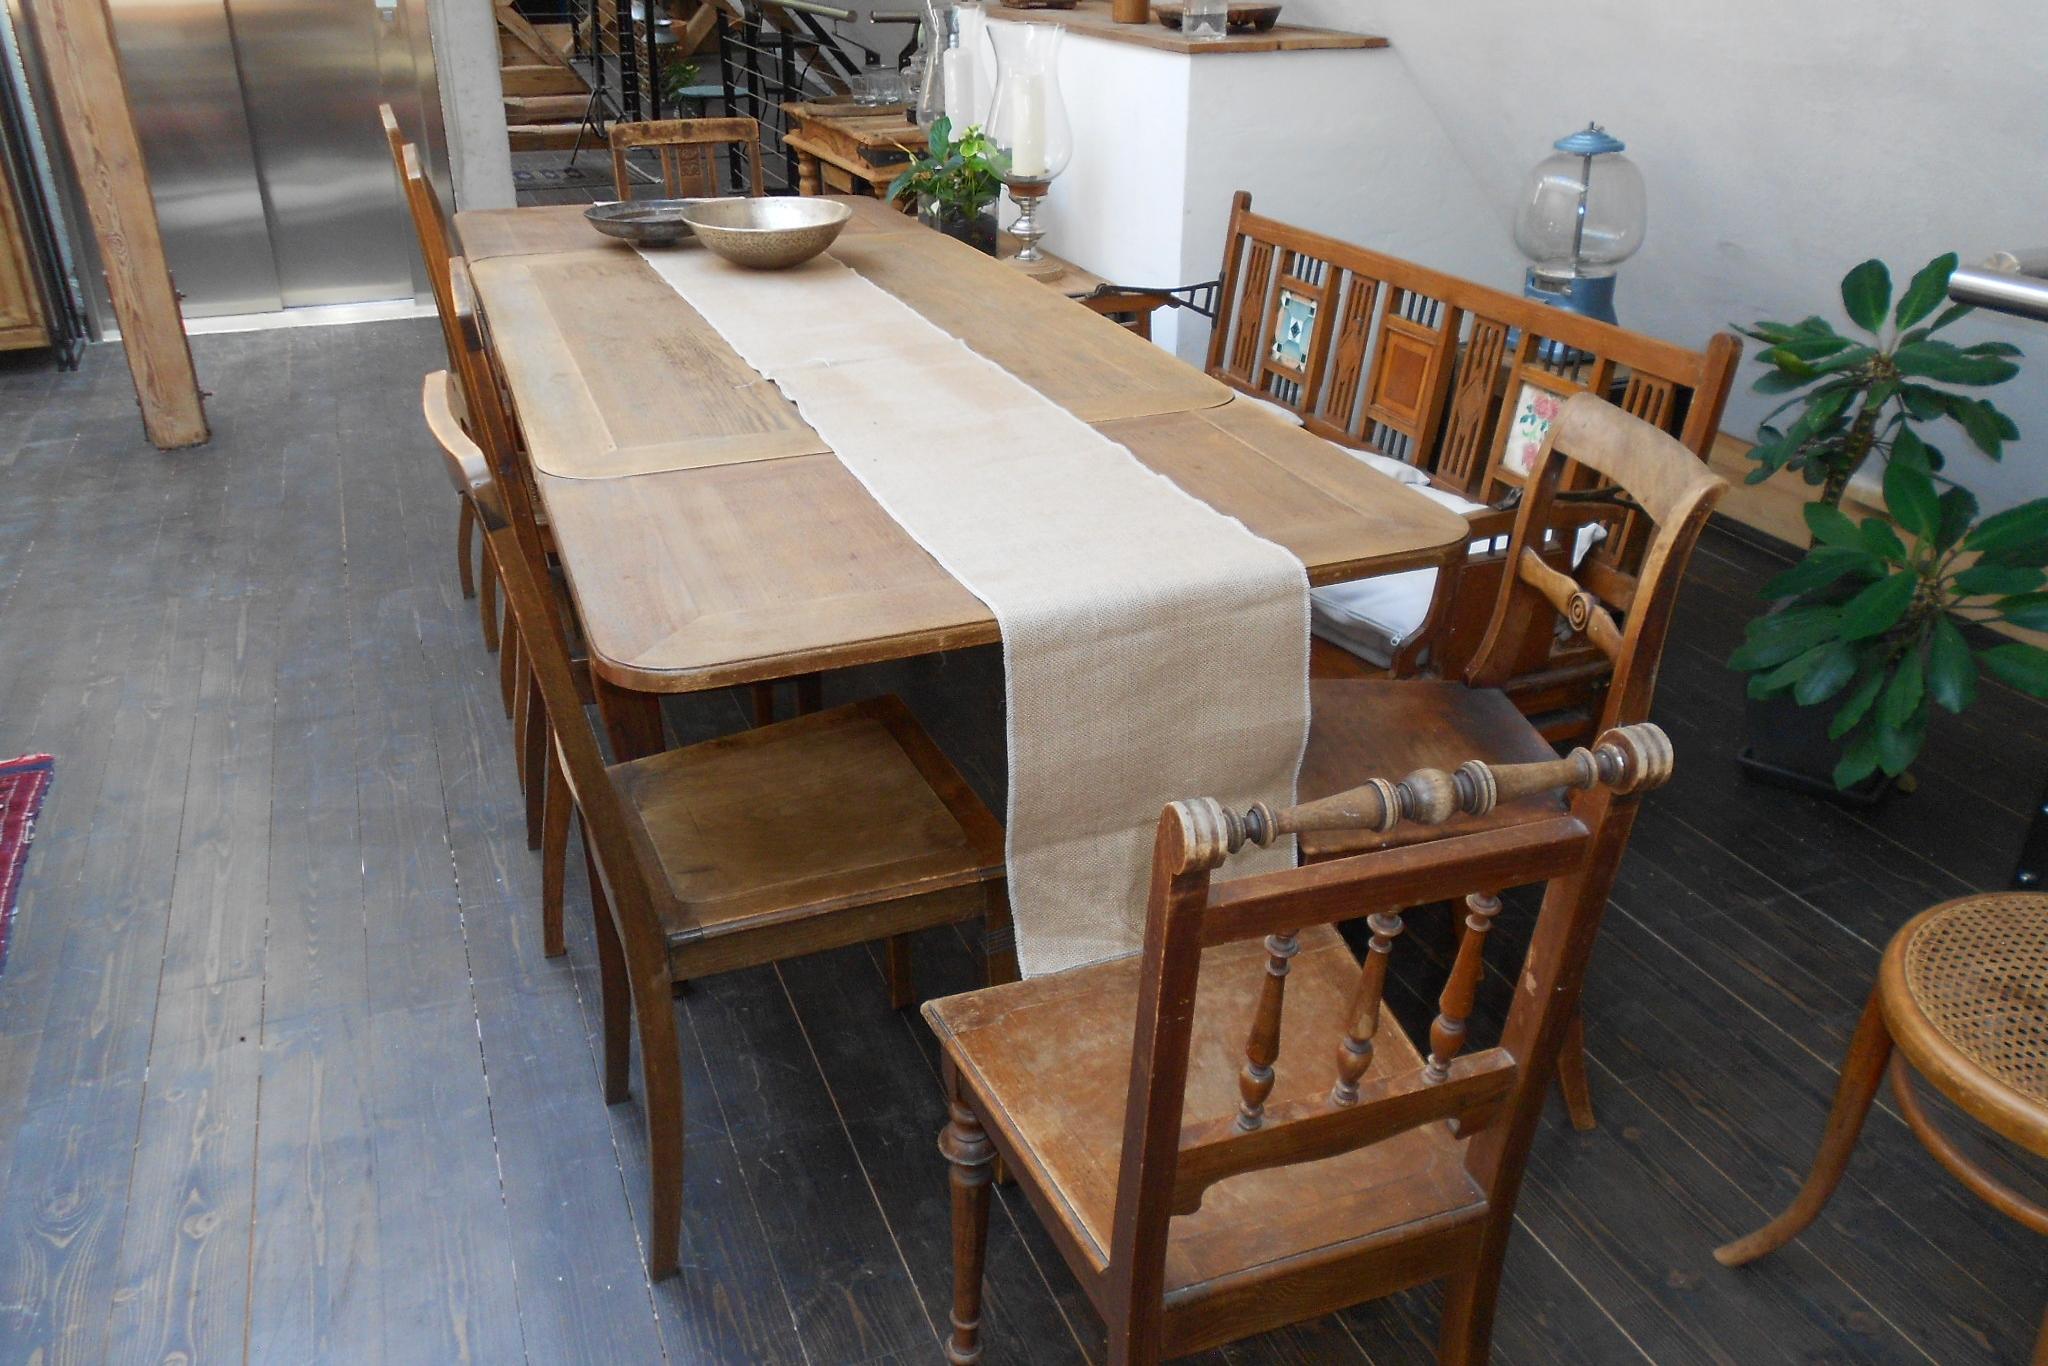 Tisch 094022 . 1 Stk. / Stühle 094052